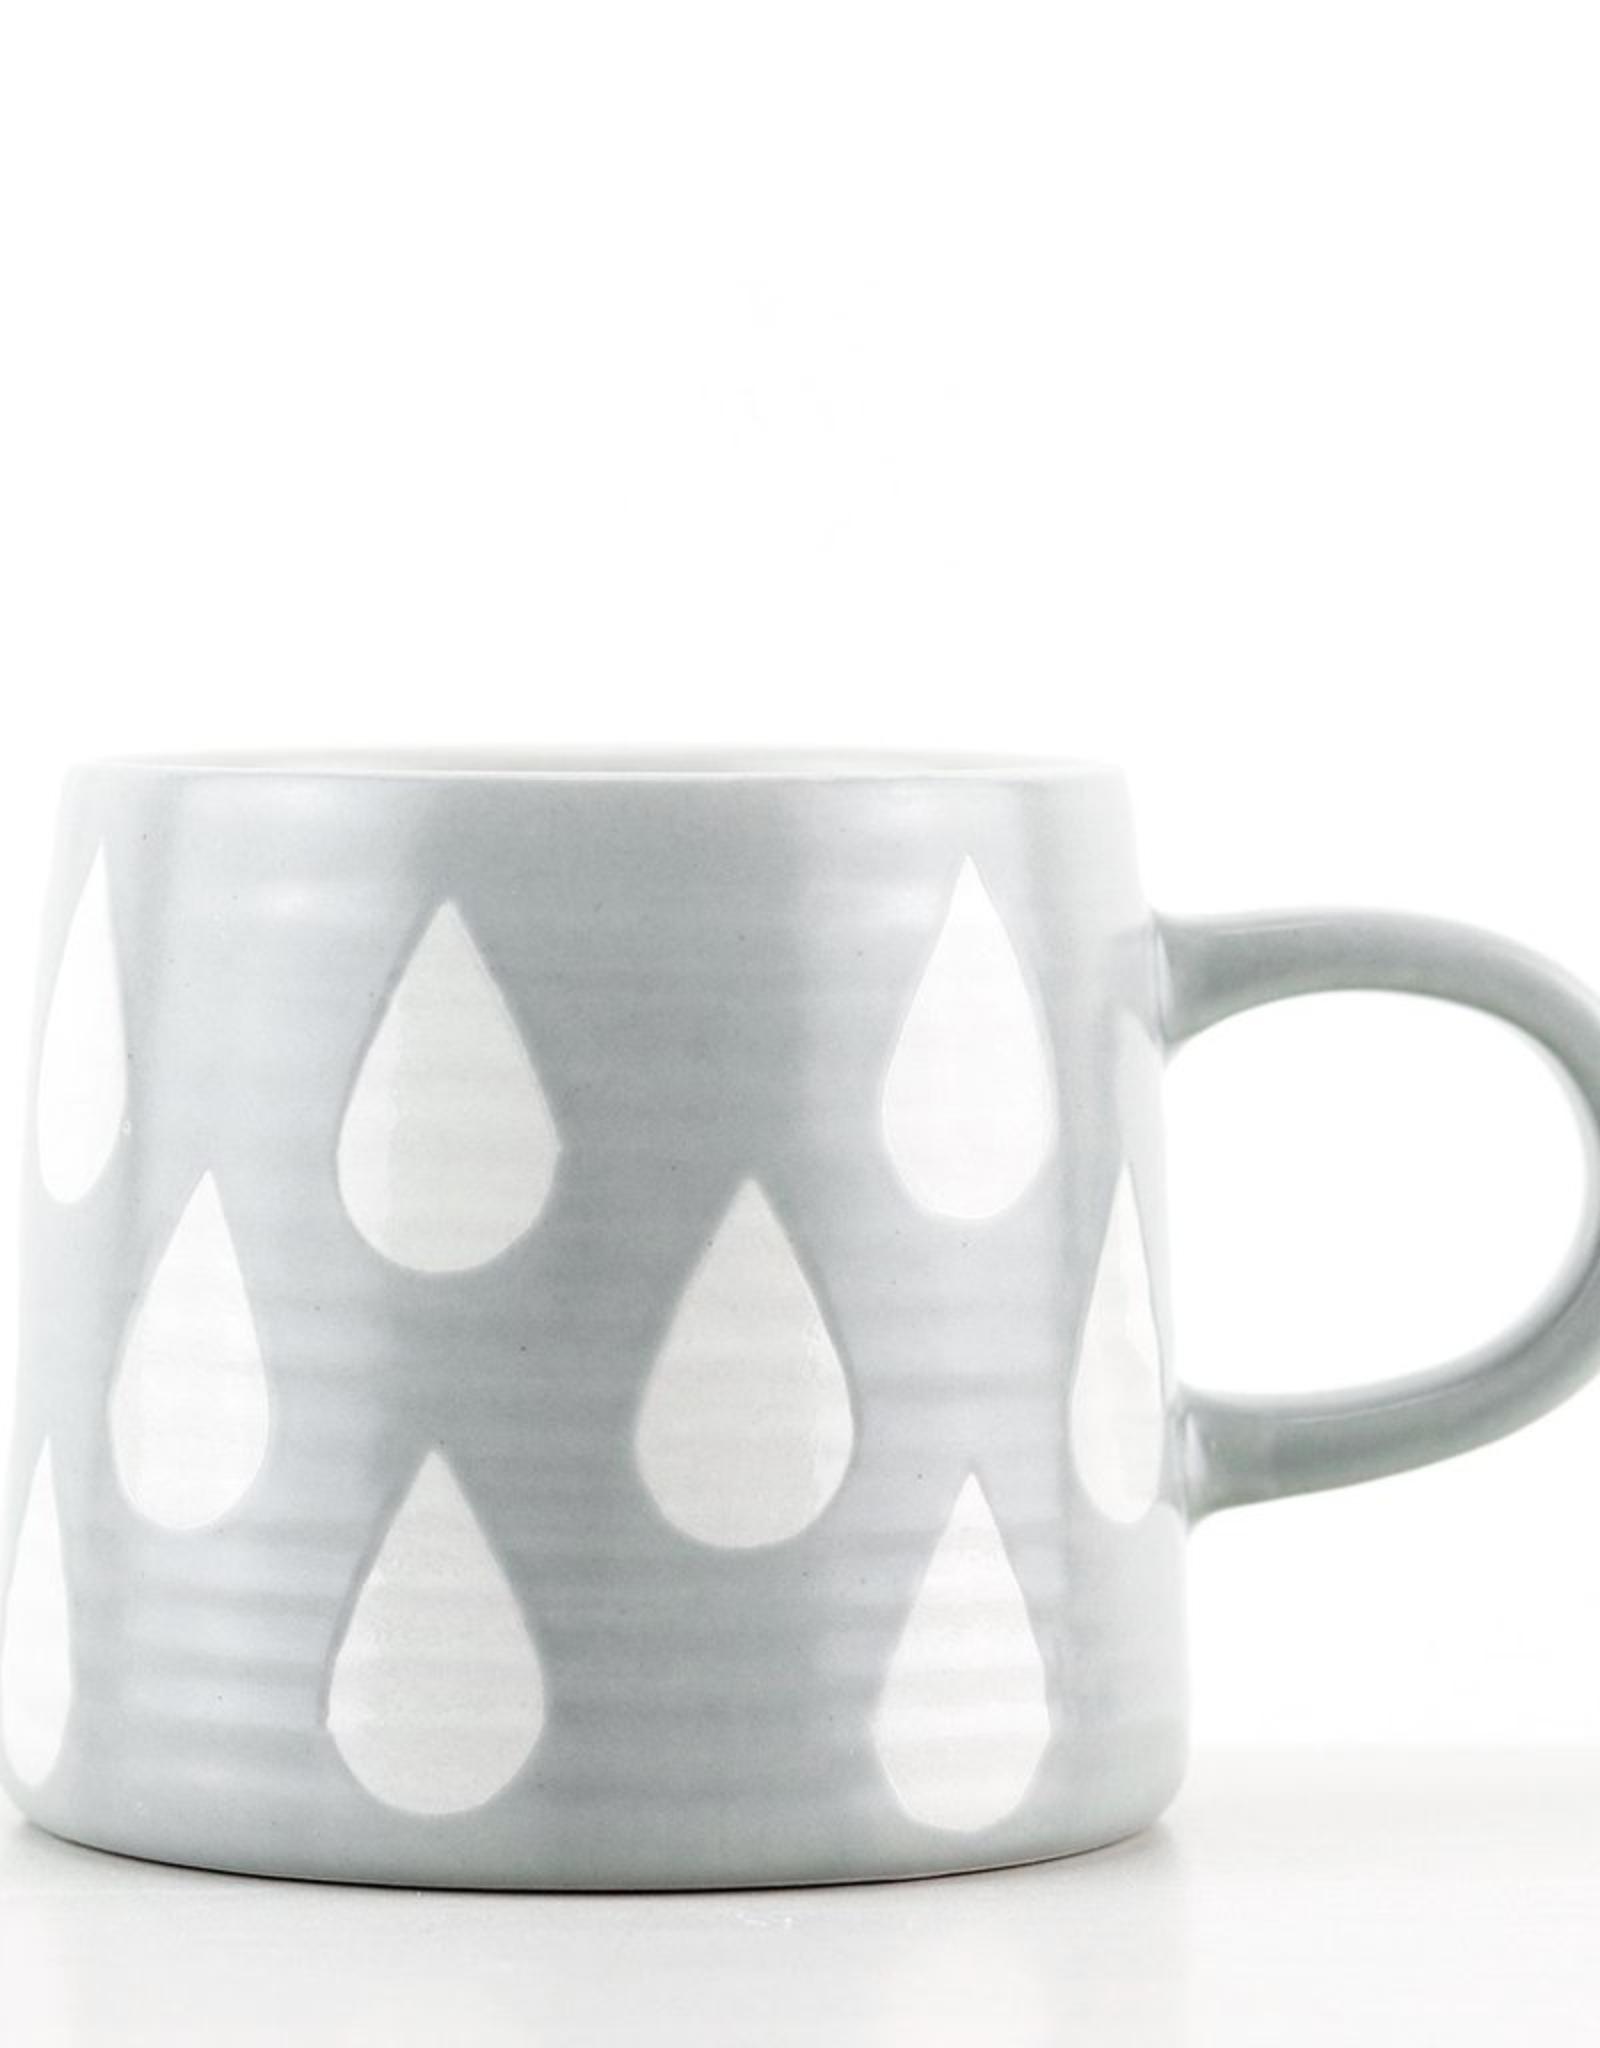 Danica Danica Imprint Mug-Gray